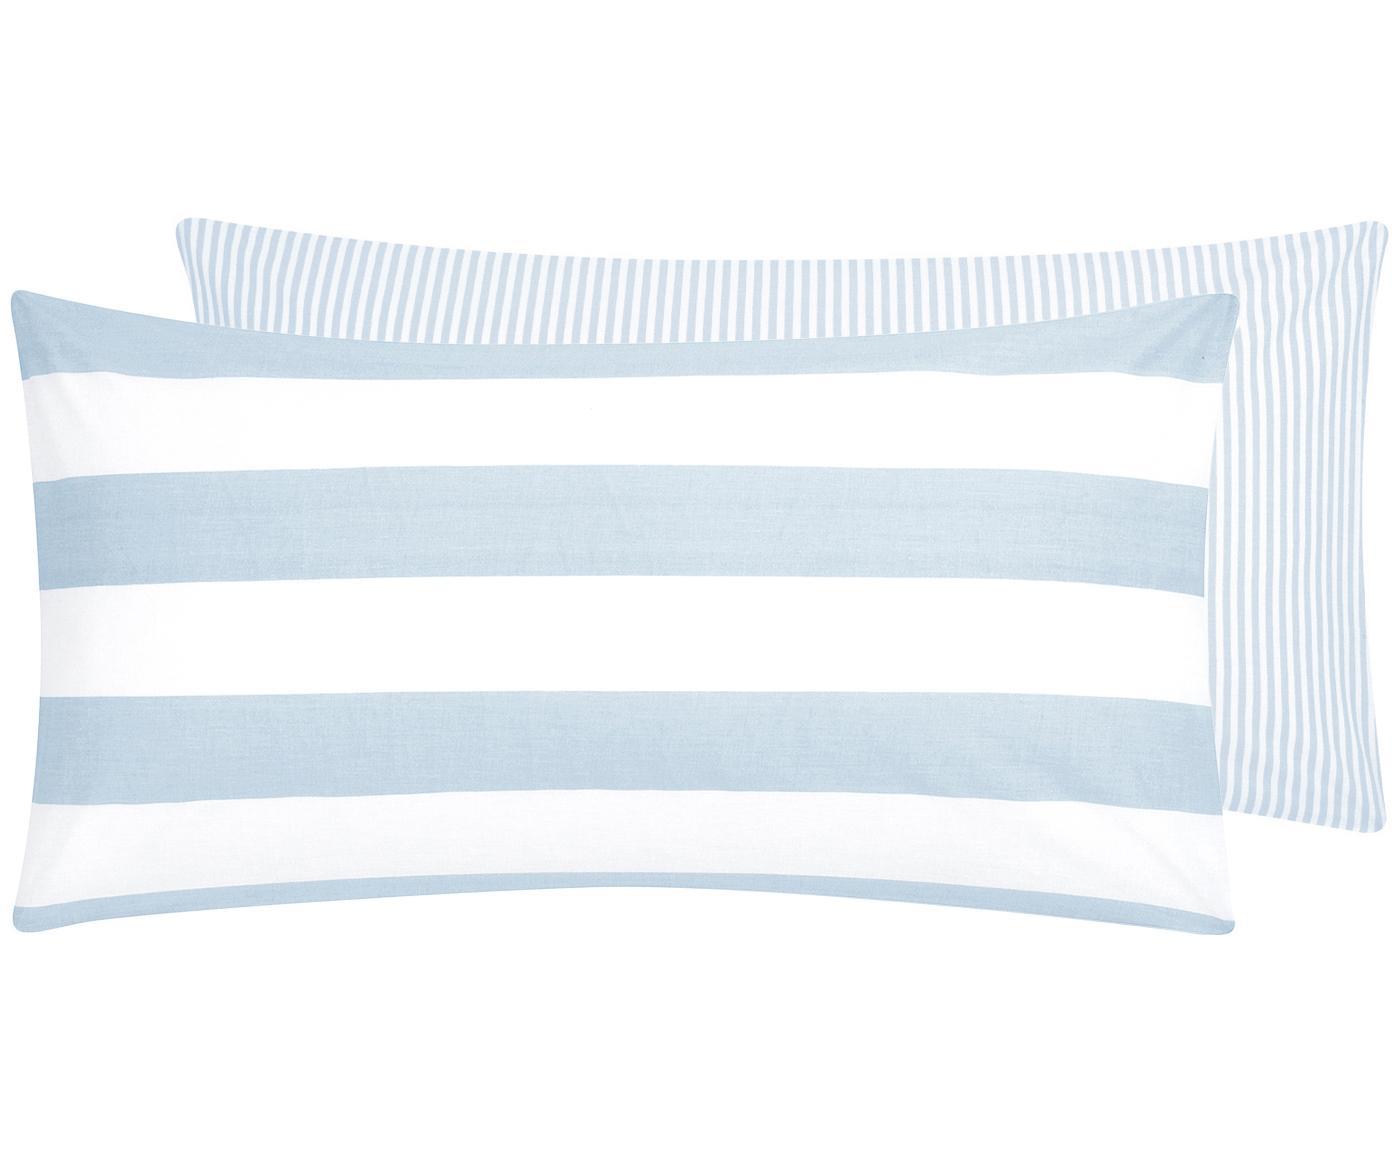 Dwustronna poszewka na poduszkę z bawełny renforcé, 2 szt., Jasny niebieski, S 40 x D 80 cm